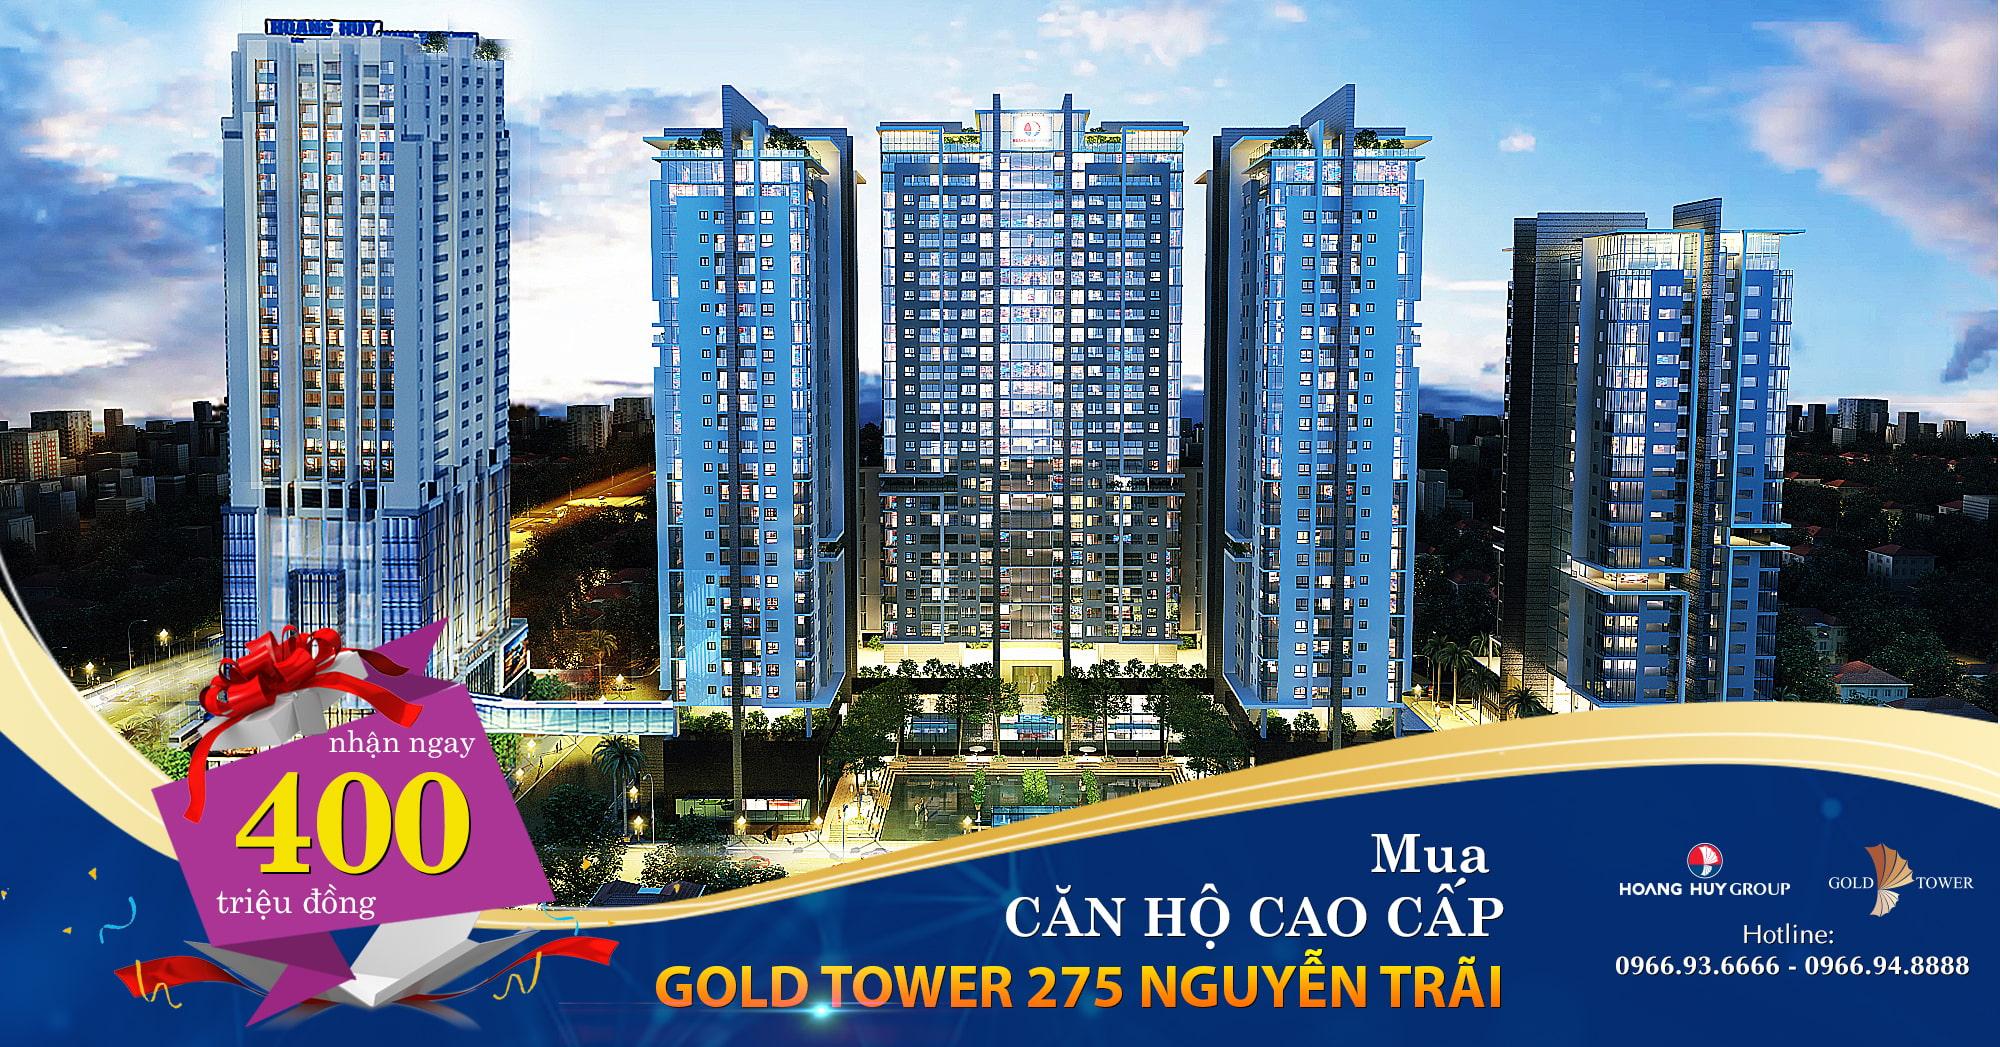 Căn hộ cao cấp Gold Tower 275 Nguyễn Trãi 1200x628-min